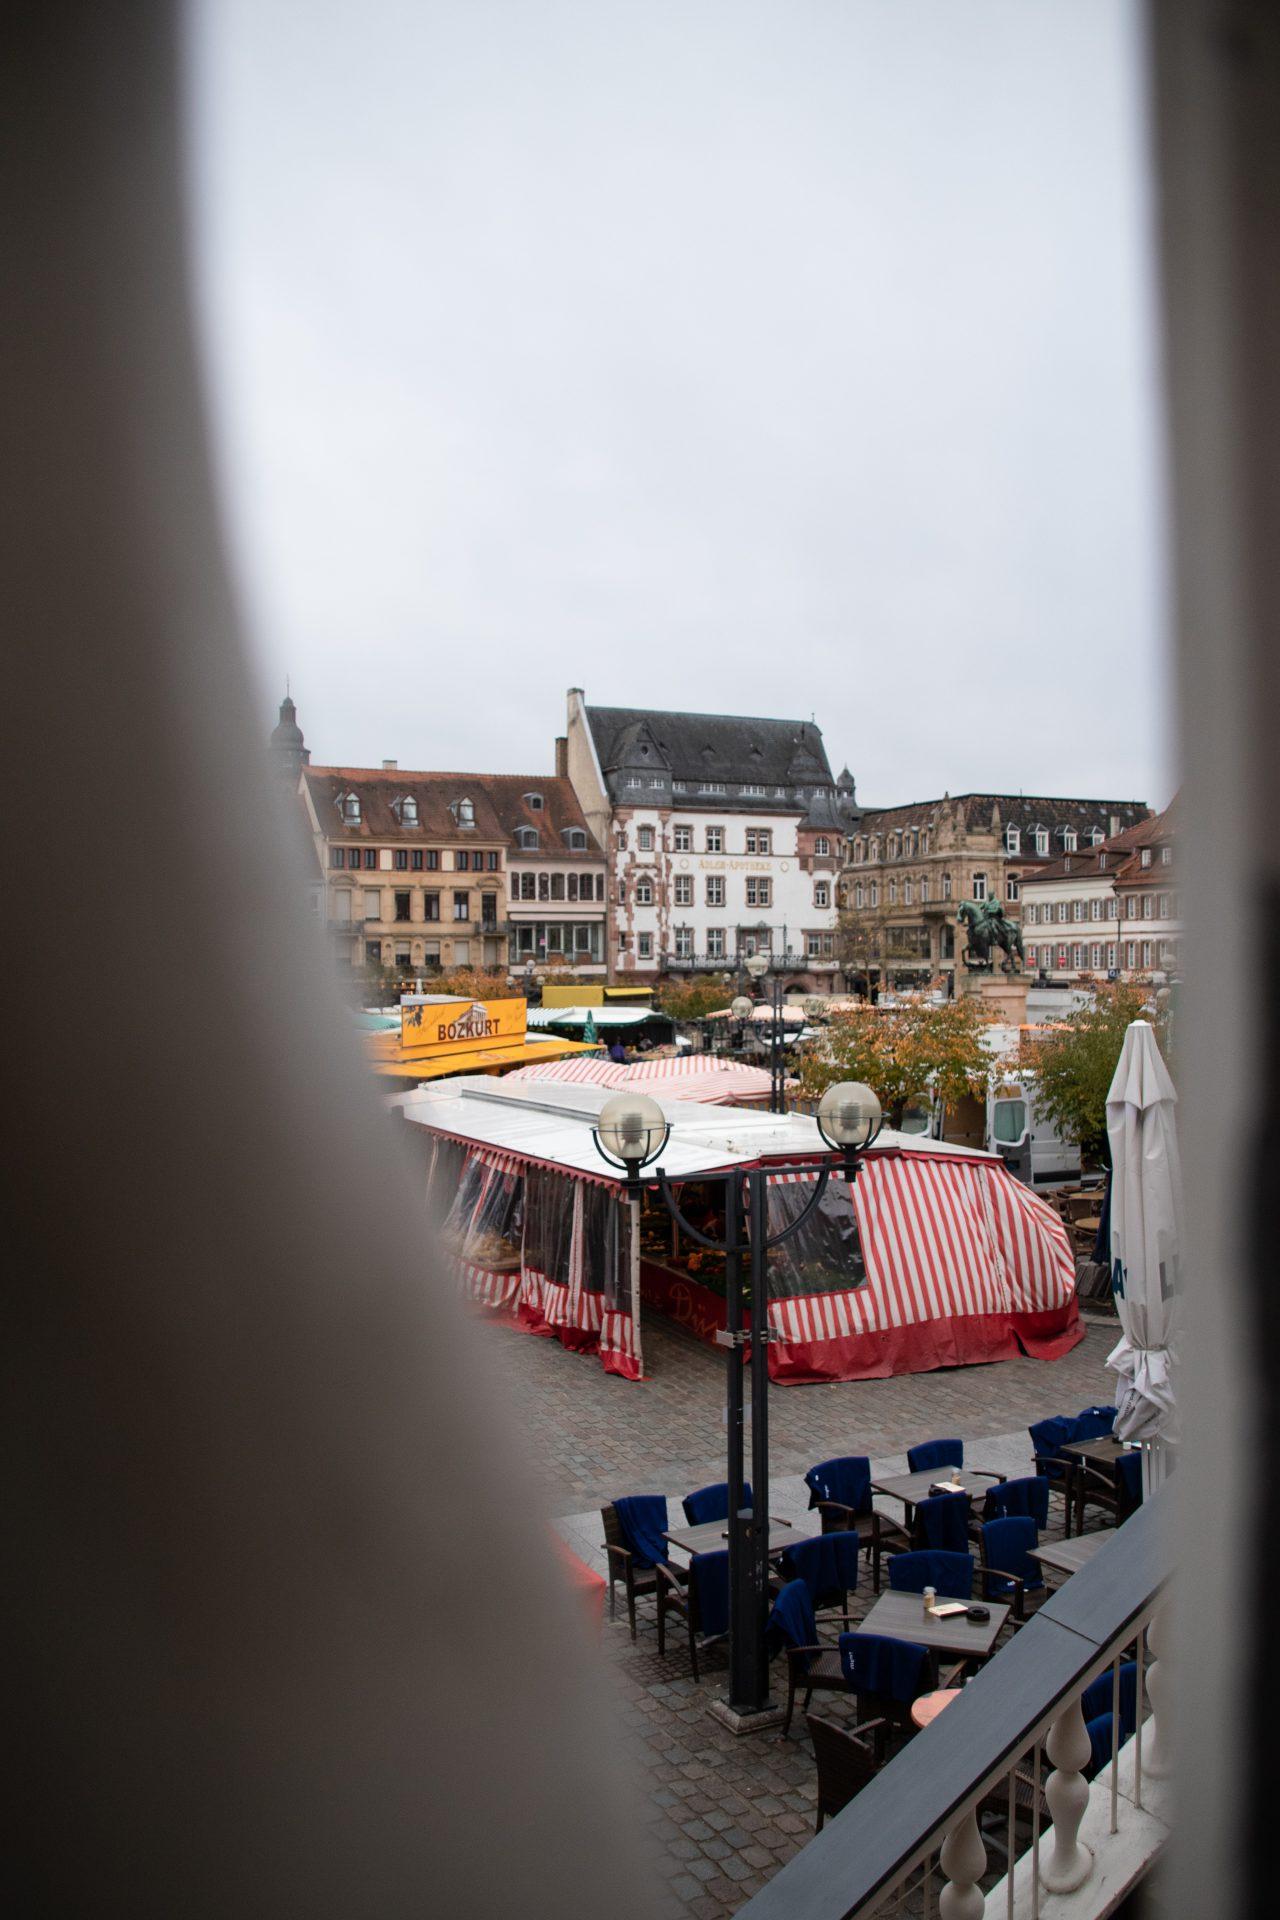 Landau-marktplatz